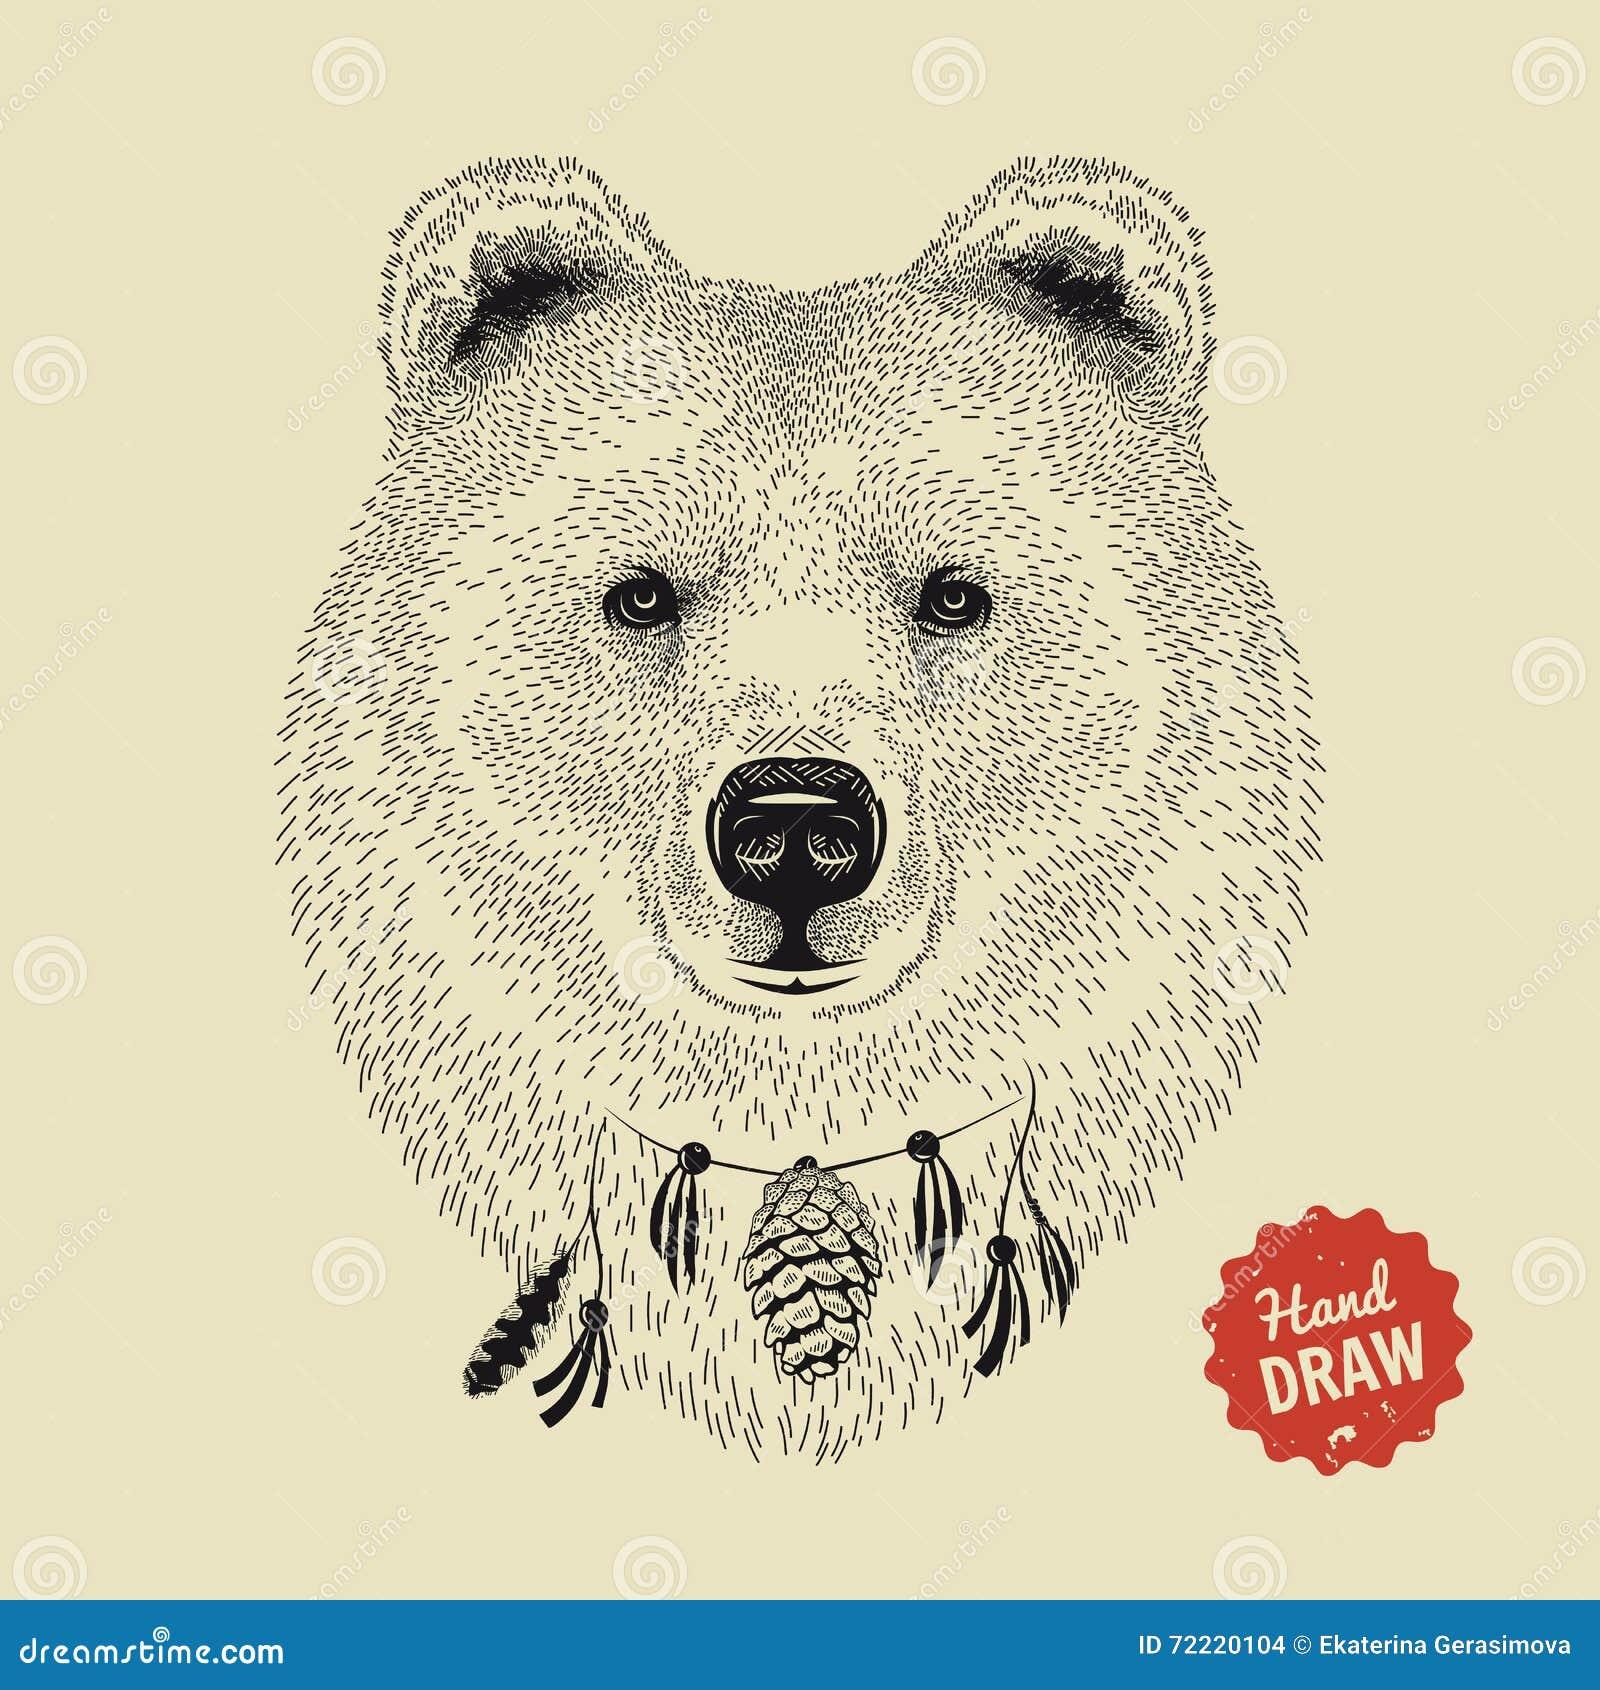 croquis de vecteur d 39 un visage d 39 ours t te d 39 ours vue de face illustration de vecteur. Black Bedroom Furniture Sets. Home Design Ideas